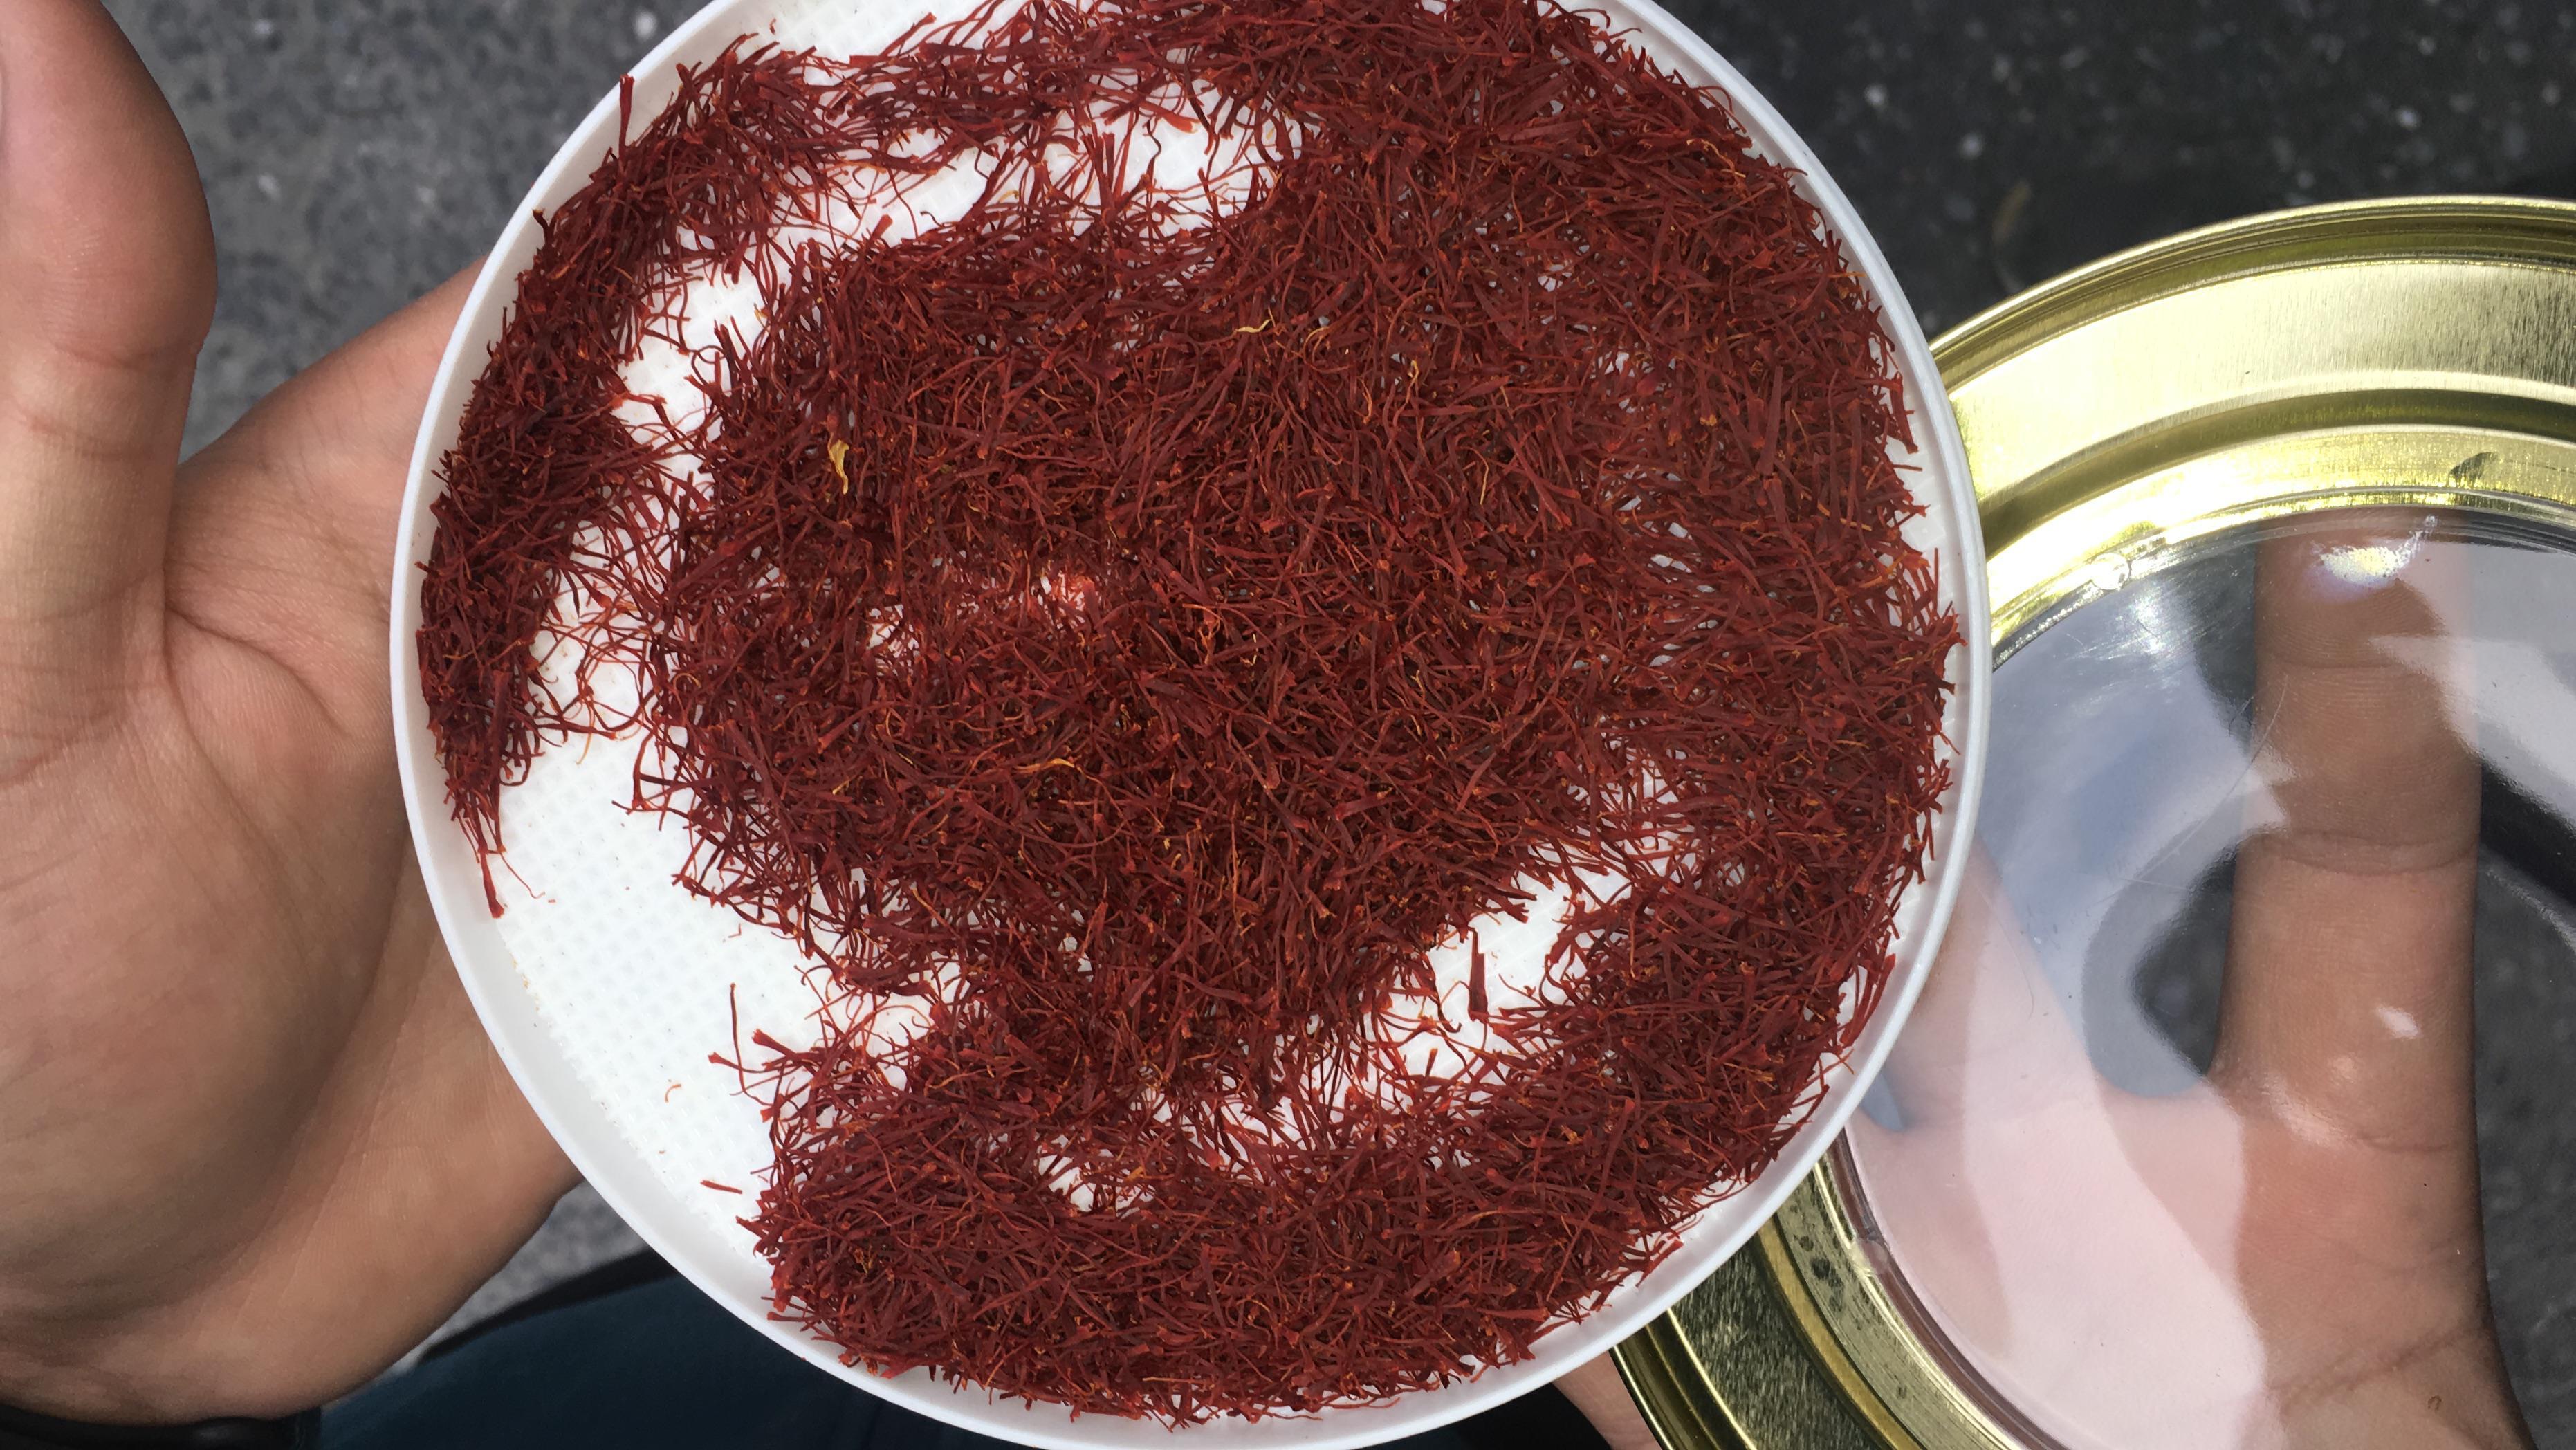 Safran - Üretici Çağlar Günal 30000 tl fiyat ile 1 kilogram safran  satmak istiyor